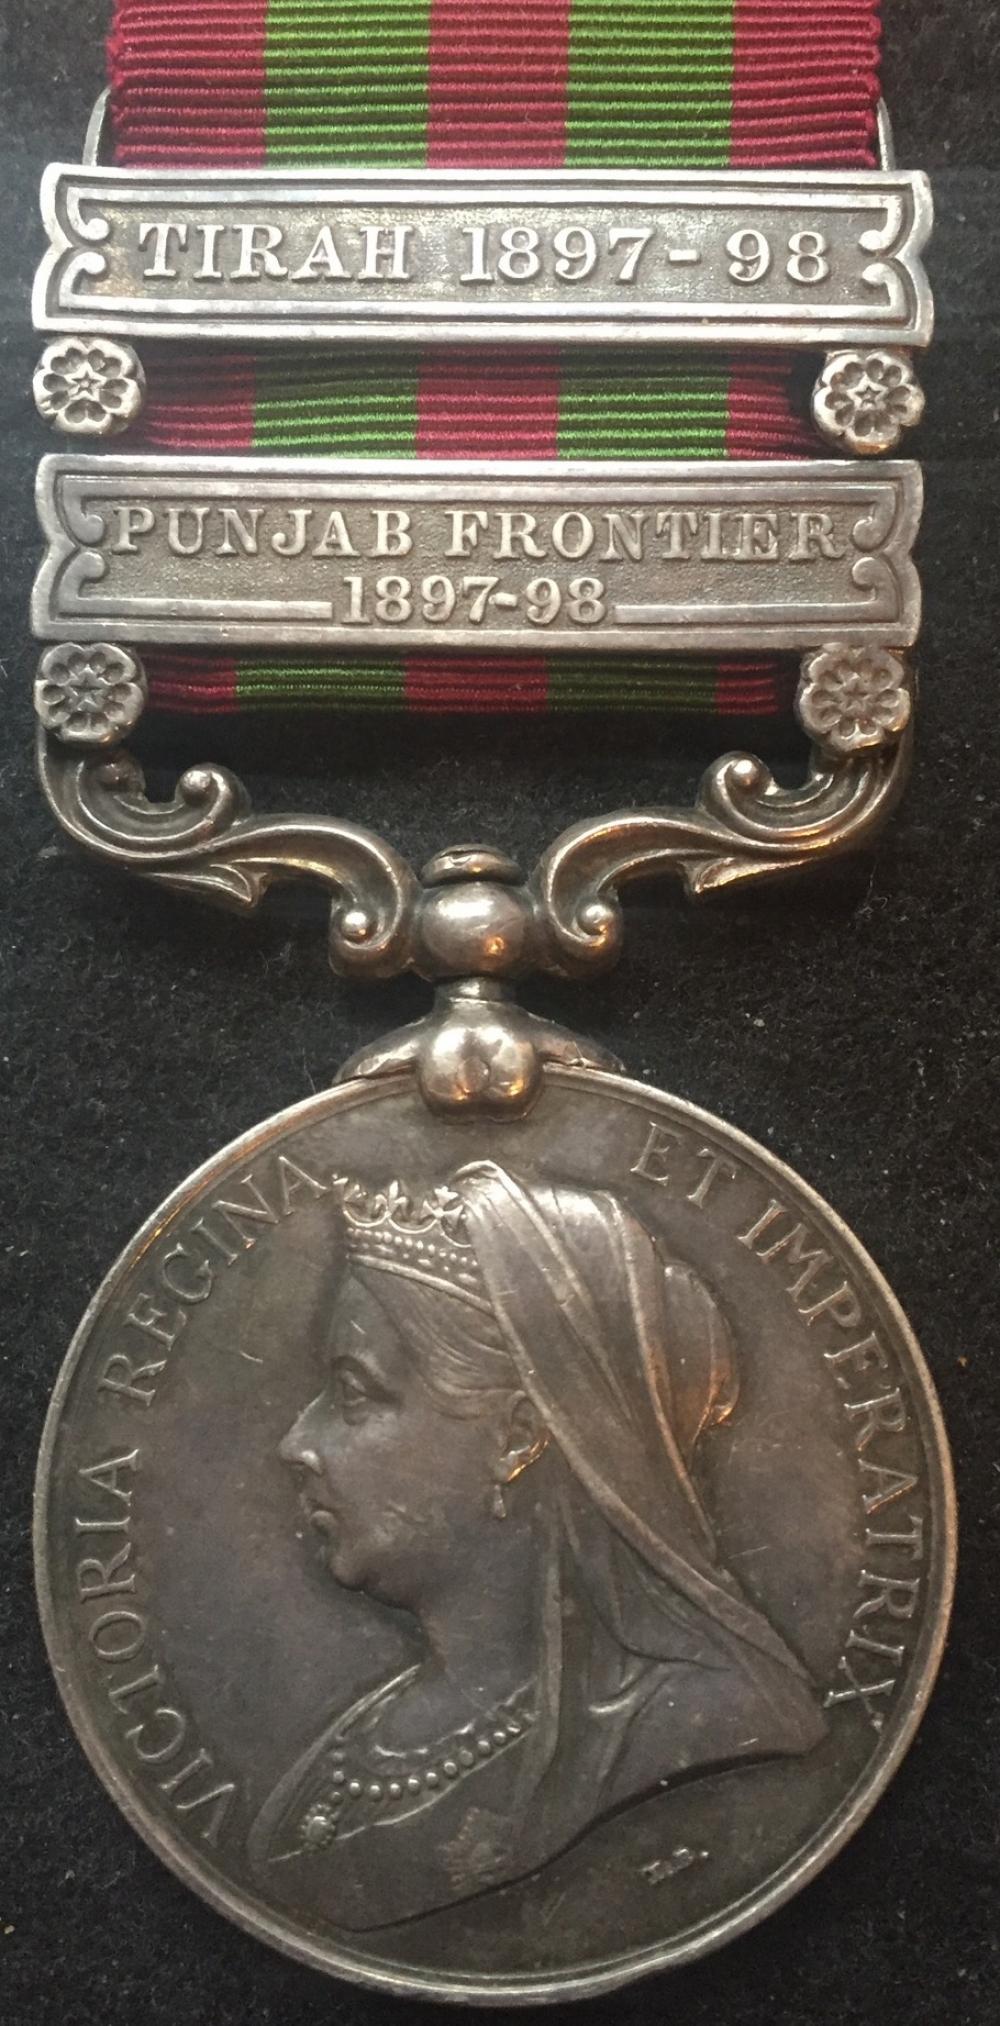 INDIA GENERAL SERVICE MEDAL 1896  (TIRAH 1897-98 & PUNJAB FRONTIER